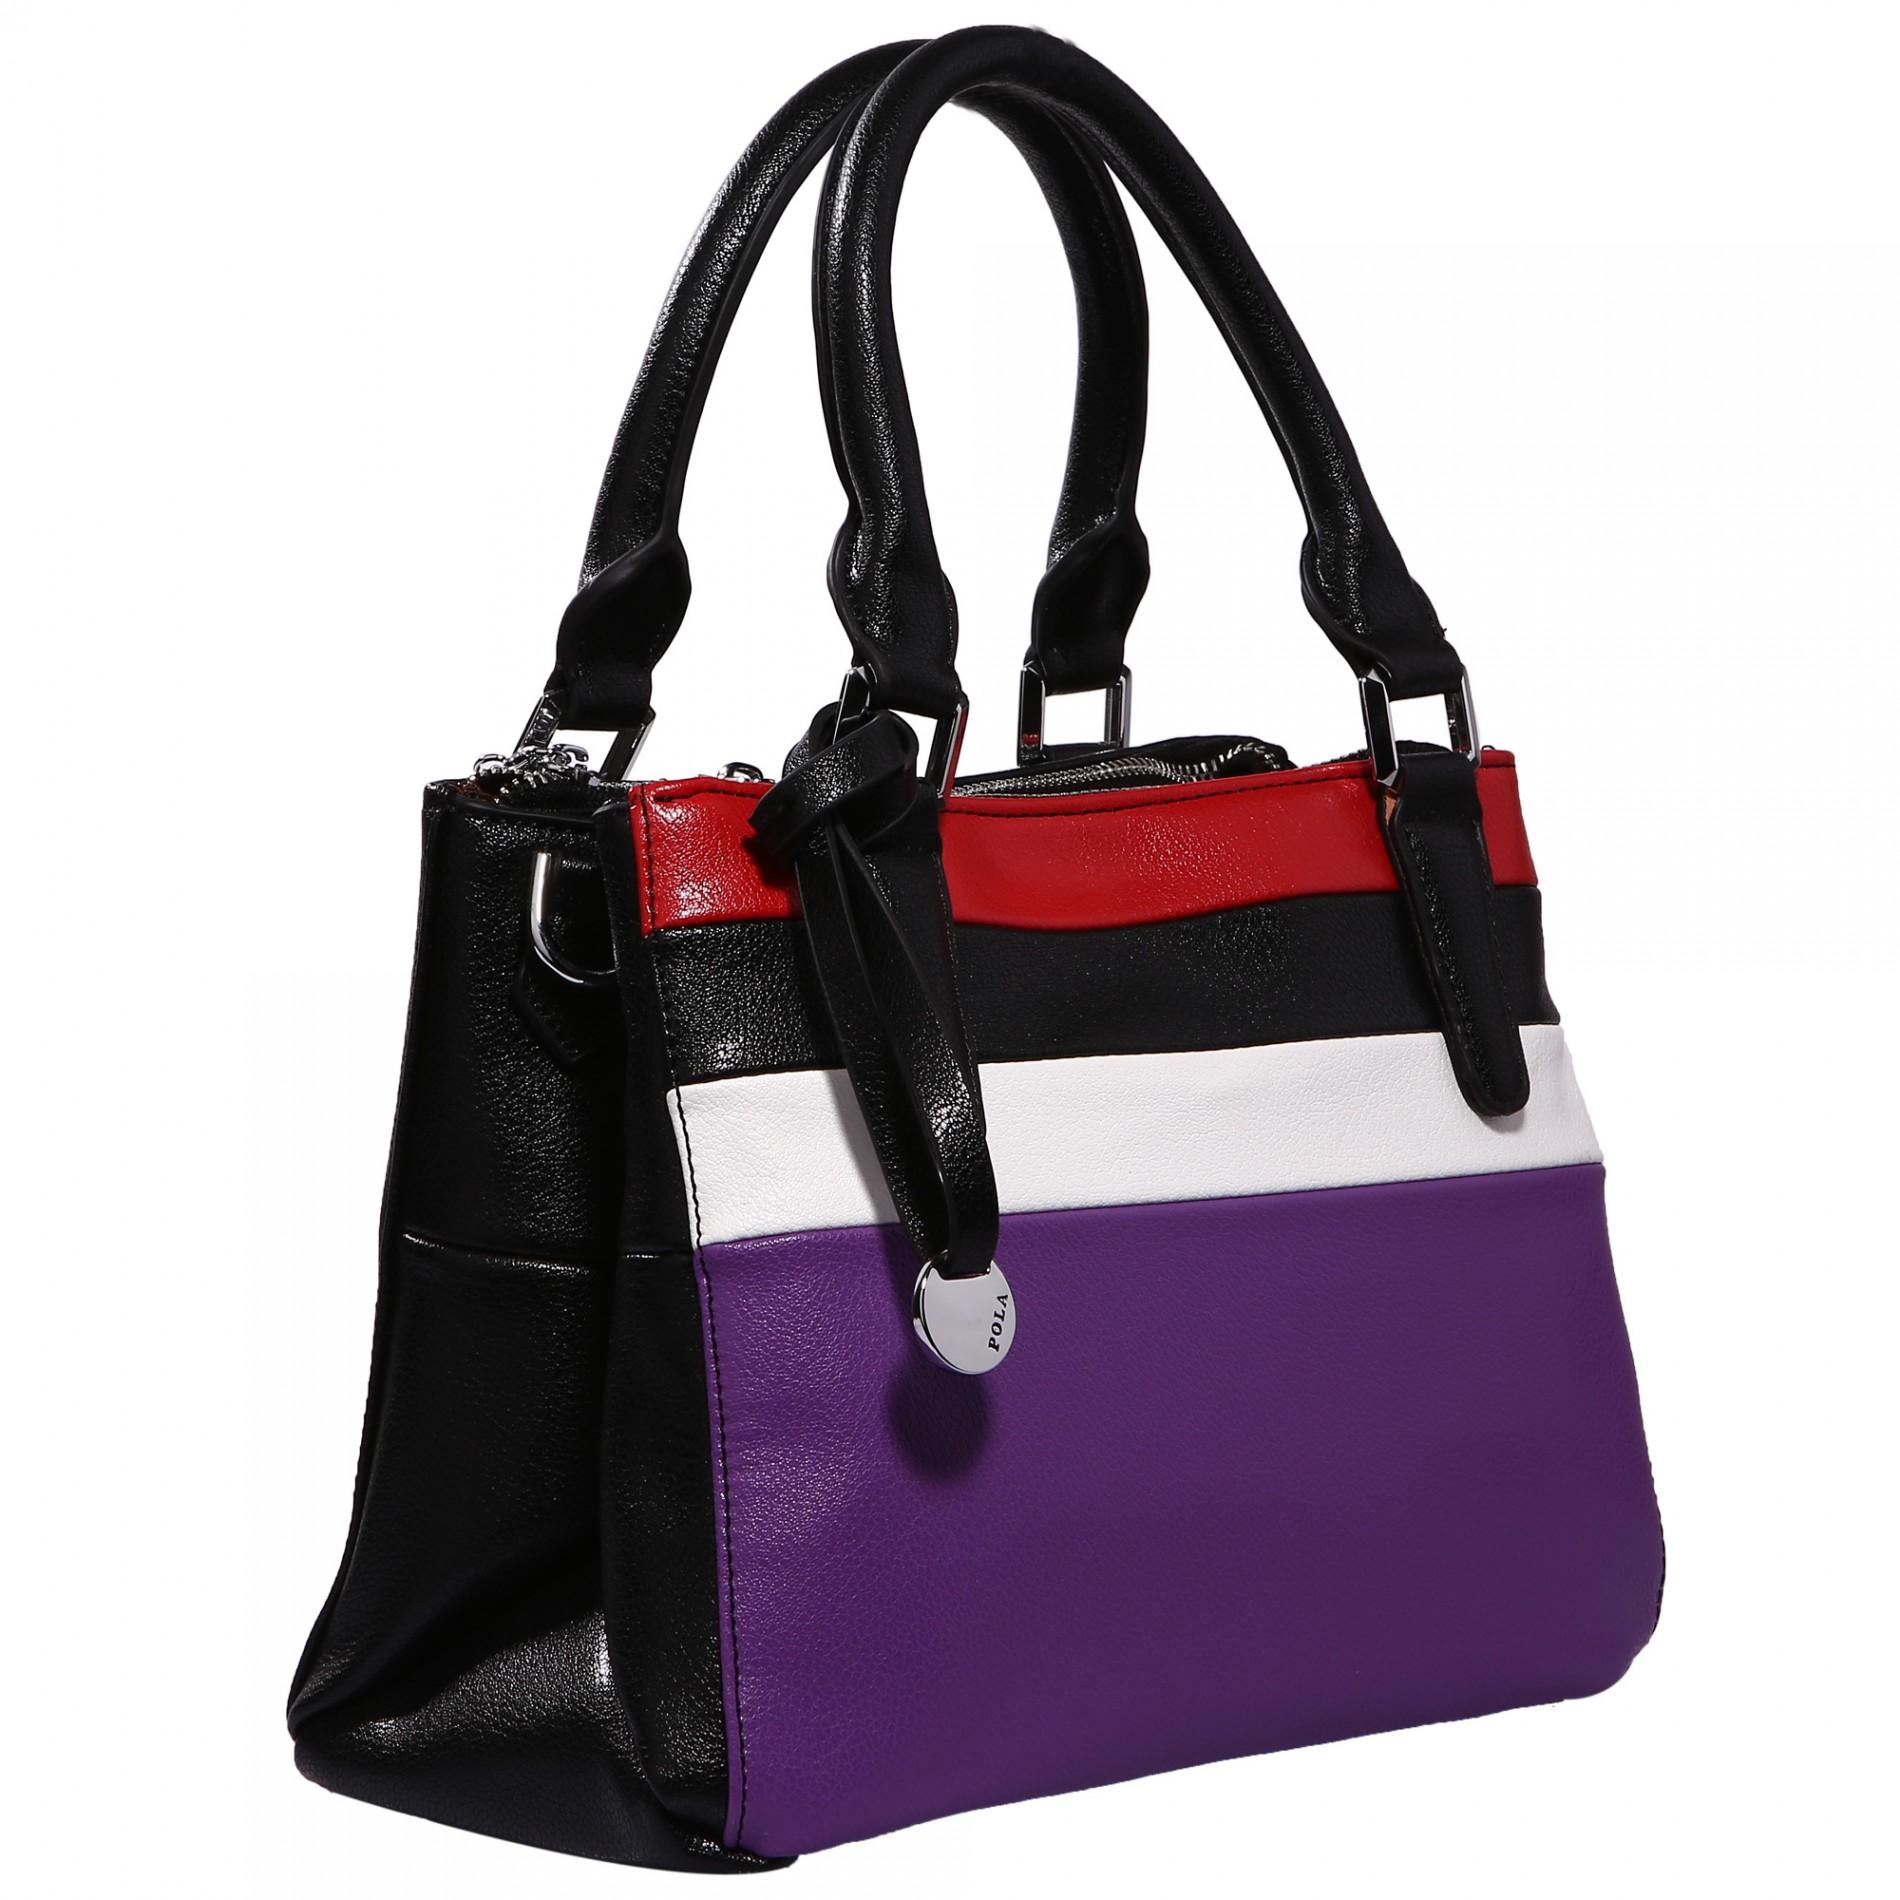 Женские сумки через плечо, купить в интернет-магазине